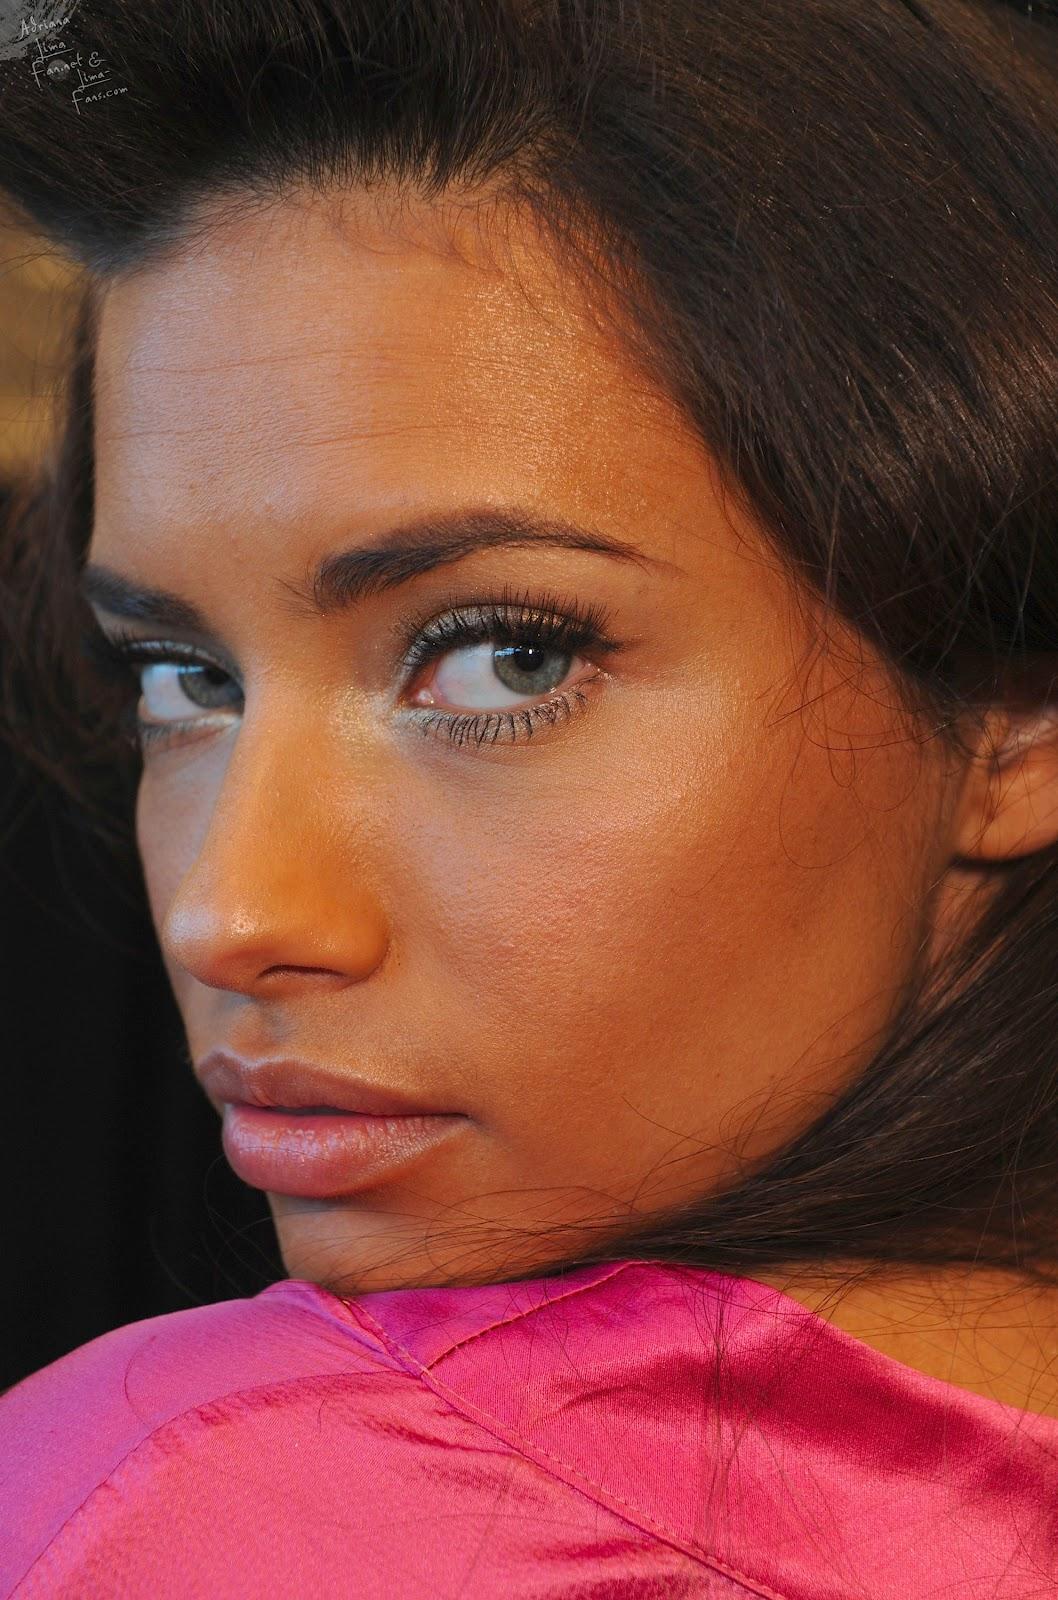 http://4.bp.blogspot.com/-VxkcJxzaZ-Q/UHCaA0NveII/AAAAAAAABuY/mO_pPFLV0fk/s1600/victoria_secret_fashion_show_2008_makeup_039.jpg